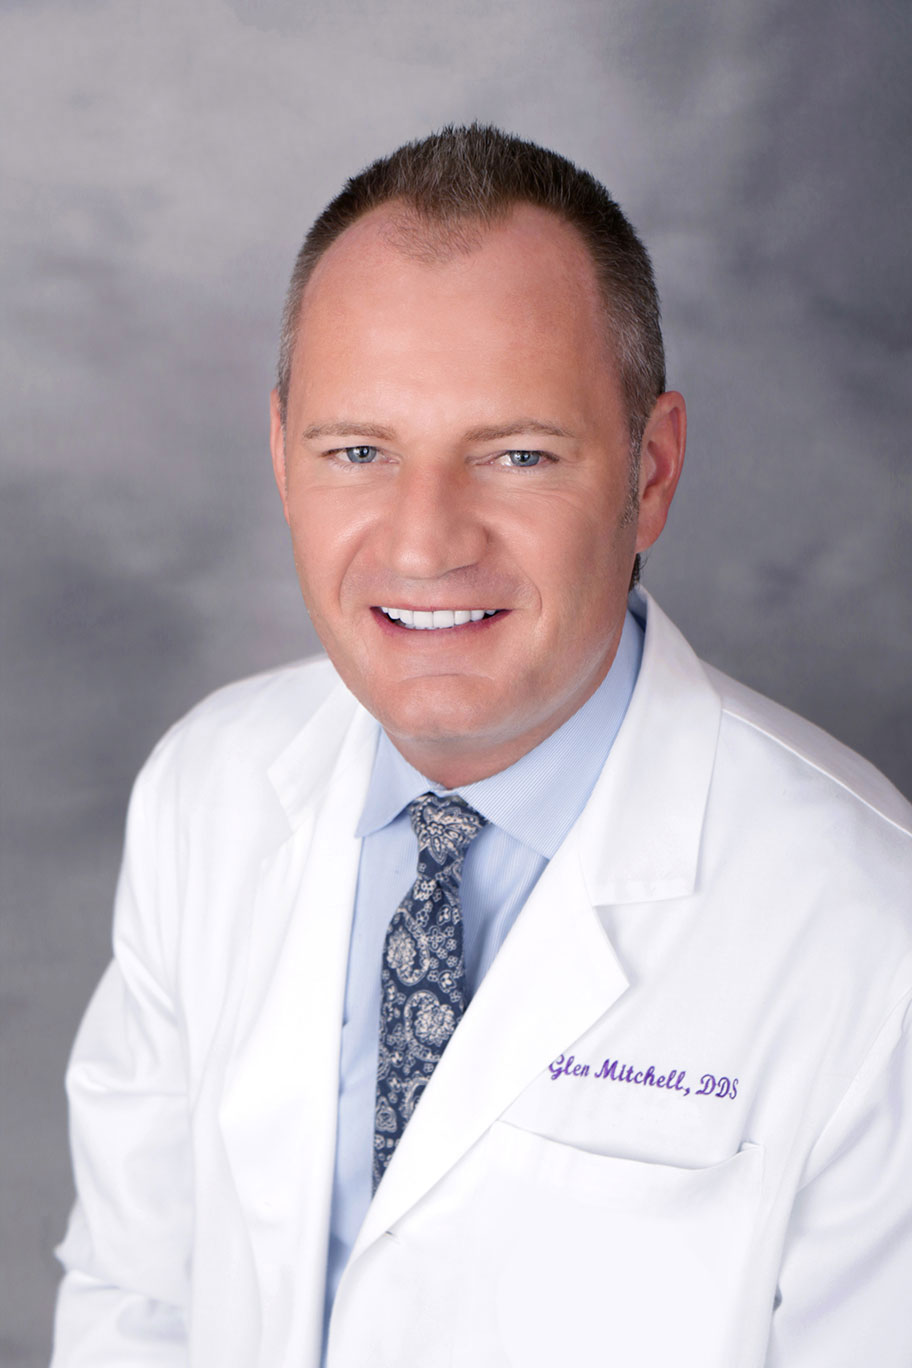 Dr. Glen Mitchell